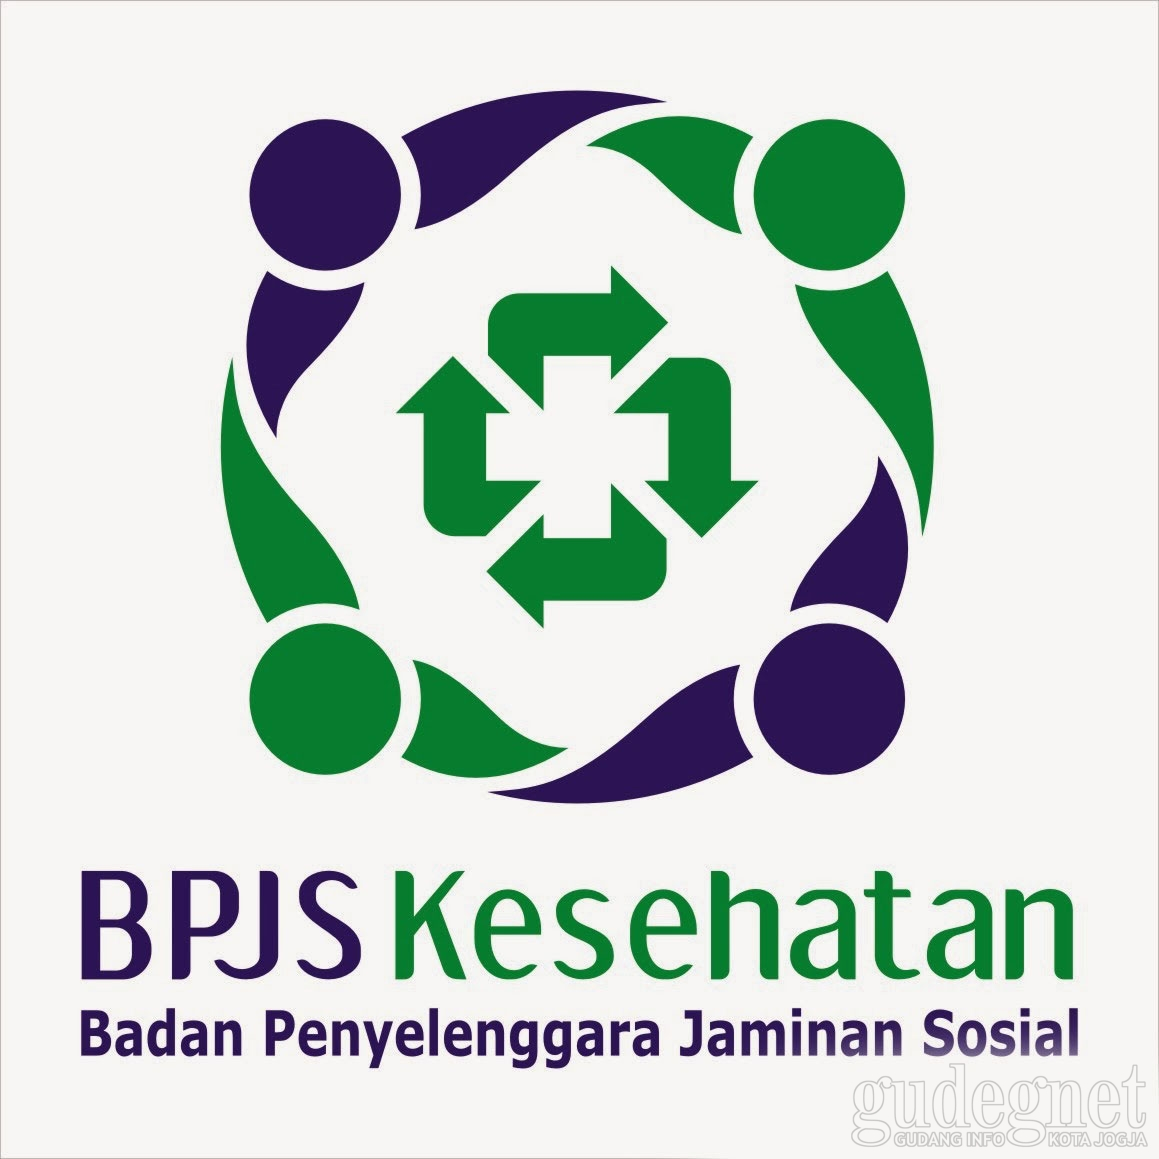 dr. Bambang Suharjono, M.Kes